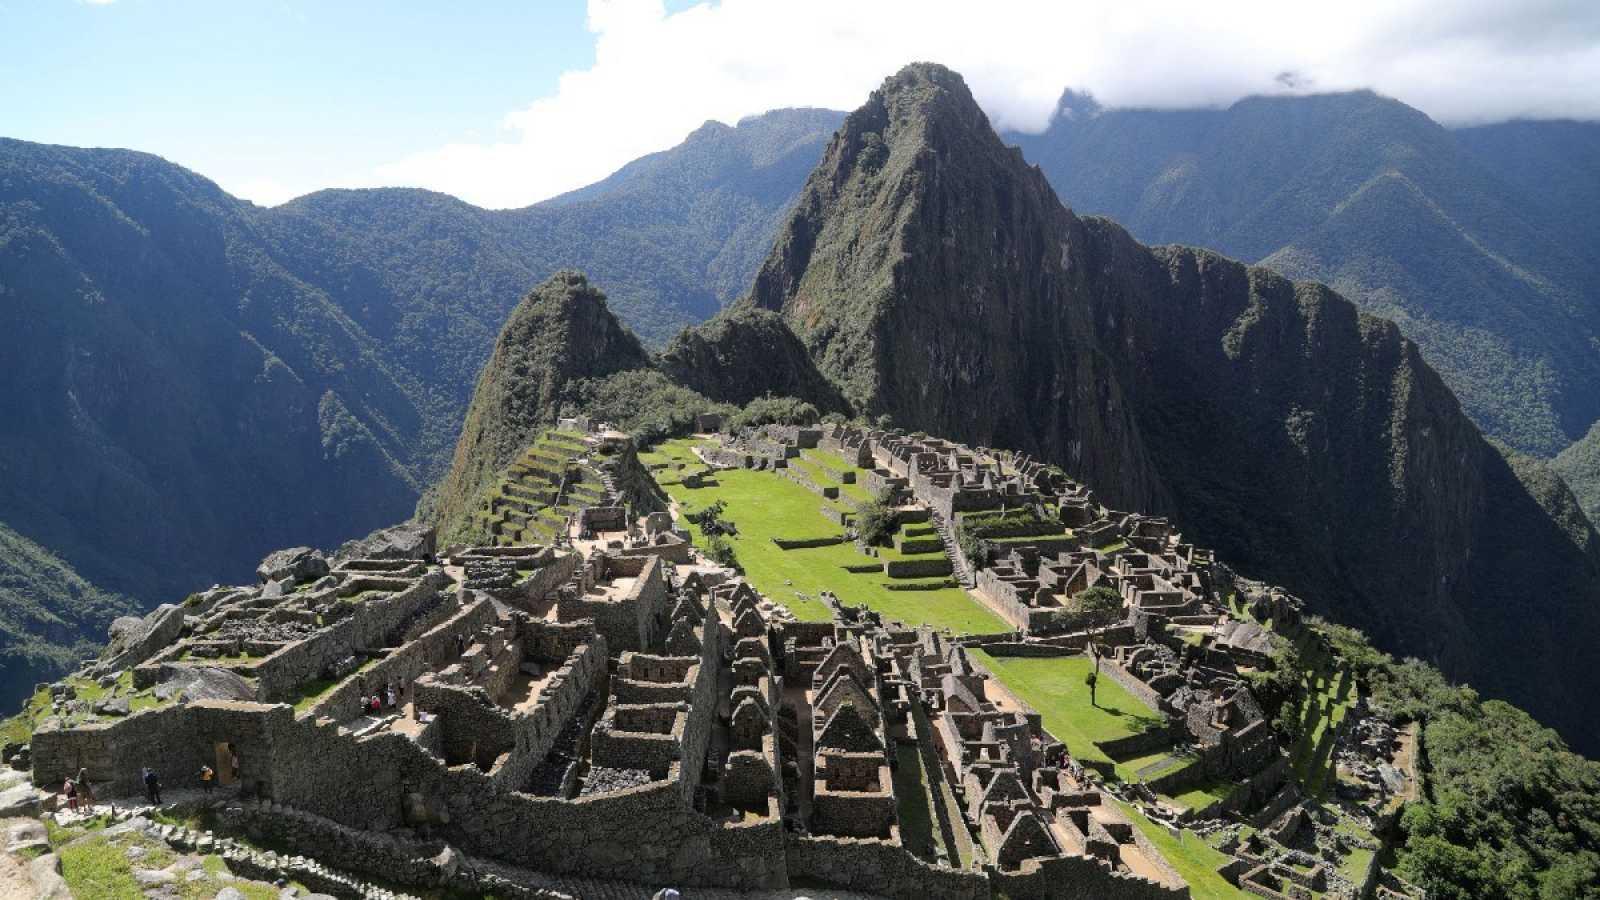 La ciudadela de Machu Picchu en Cusco, Perú